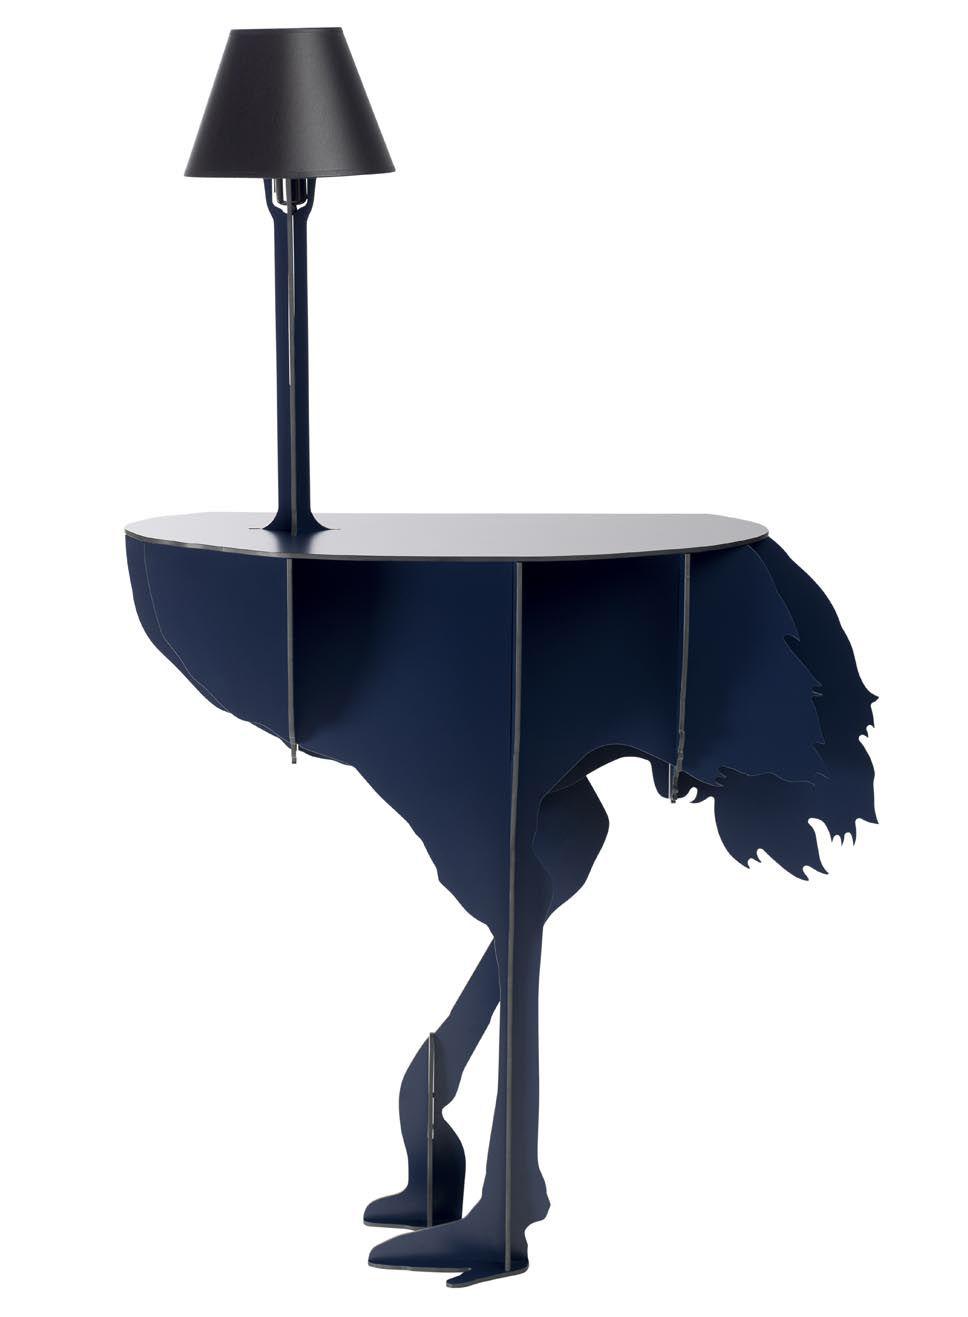 Arredamento - Mobili per bambini - Console: Diva Lucia - / Lampada integrata di Ibride - Blu notte / Paralume nero - Nylon, Stratificato compatto